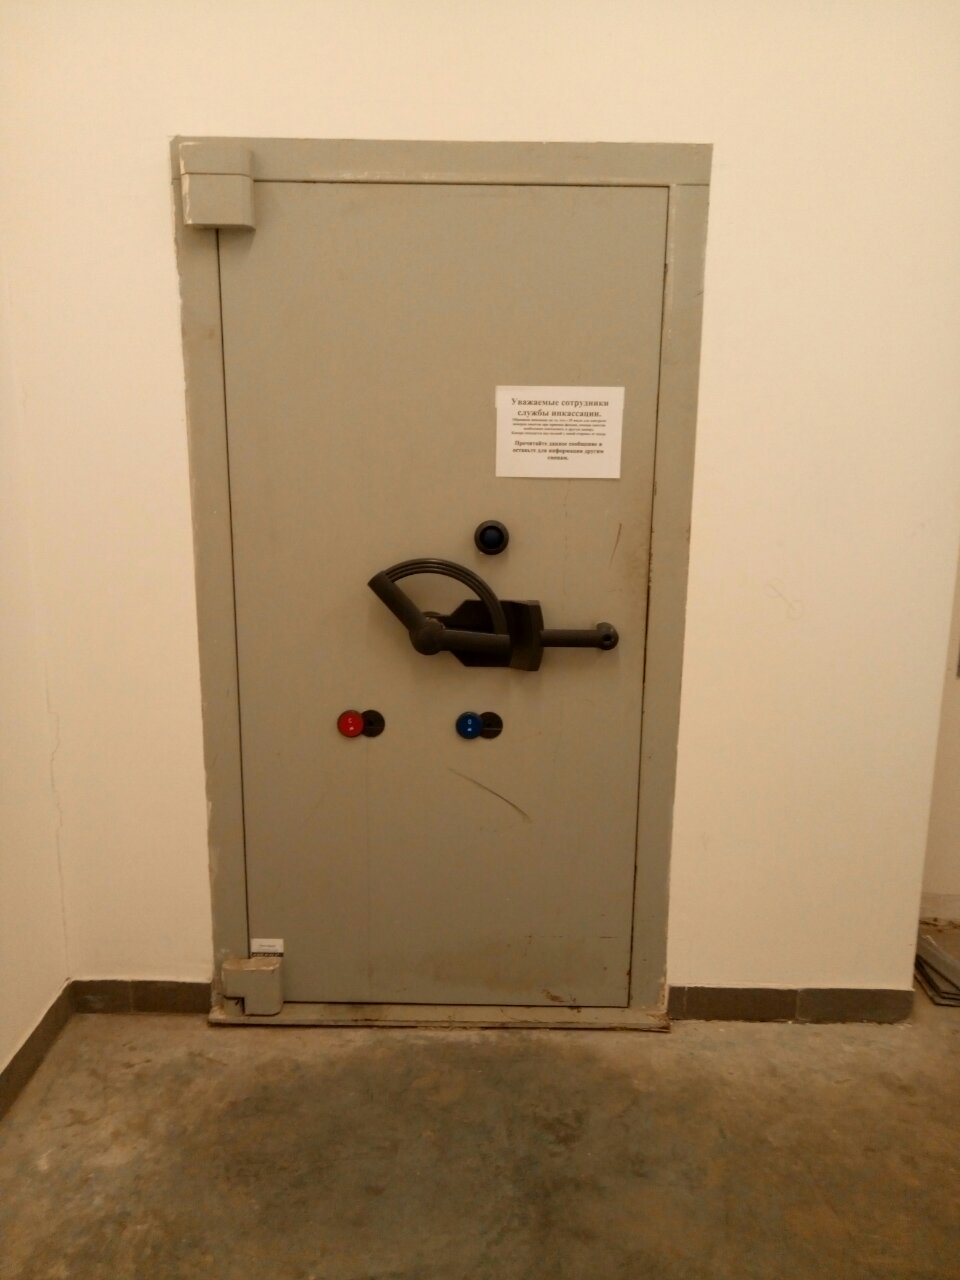 Вскрытие сейфа - дальний план